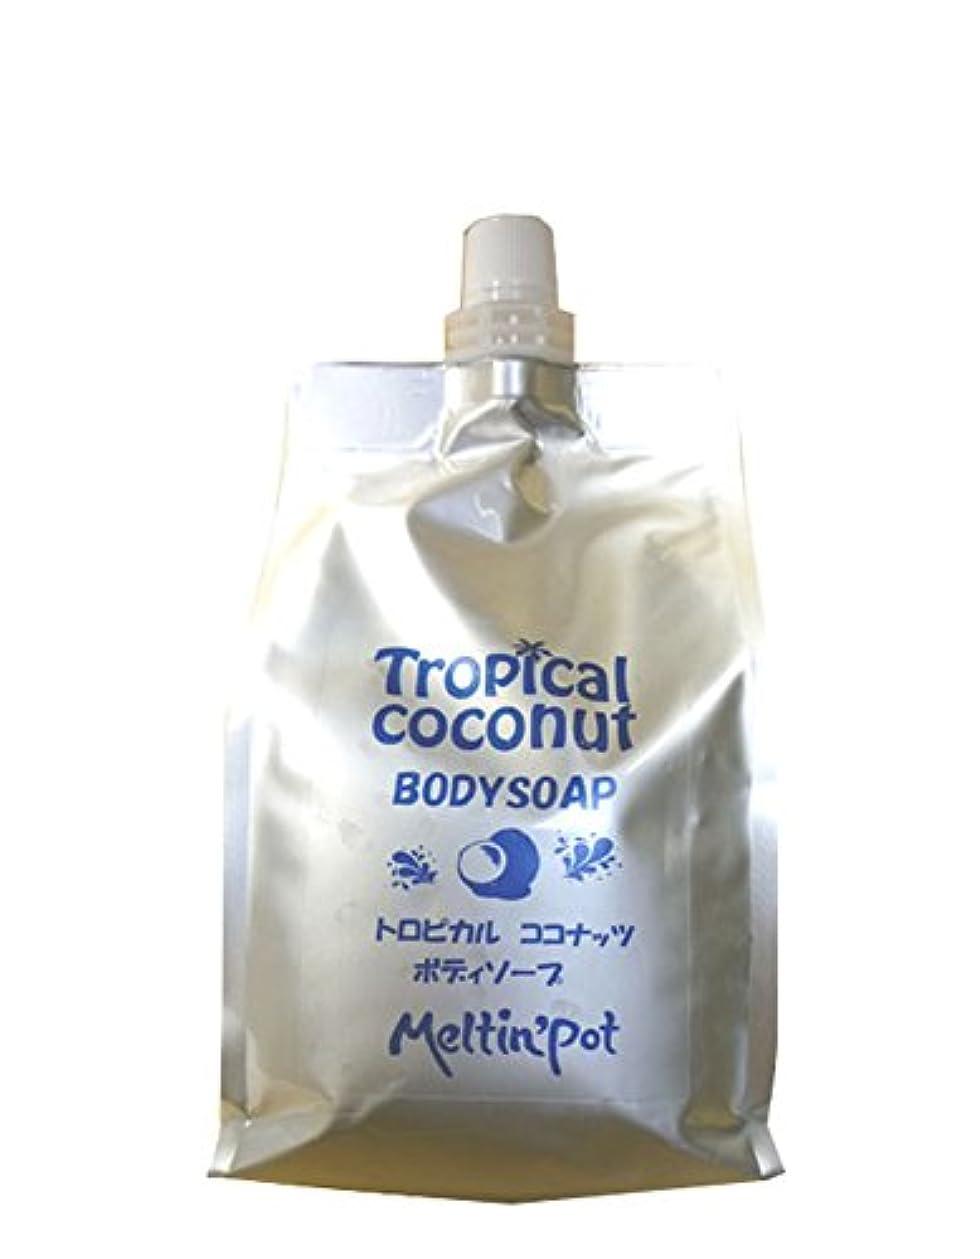 消毒剤カメ克服するトロピカルココナッツ ボディソープ 1000ml 詰め替え Tropical coconut Body Soap 加齢臭に! [MeltinPot]